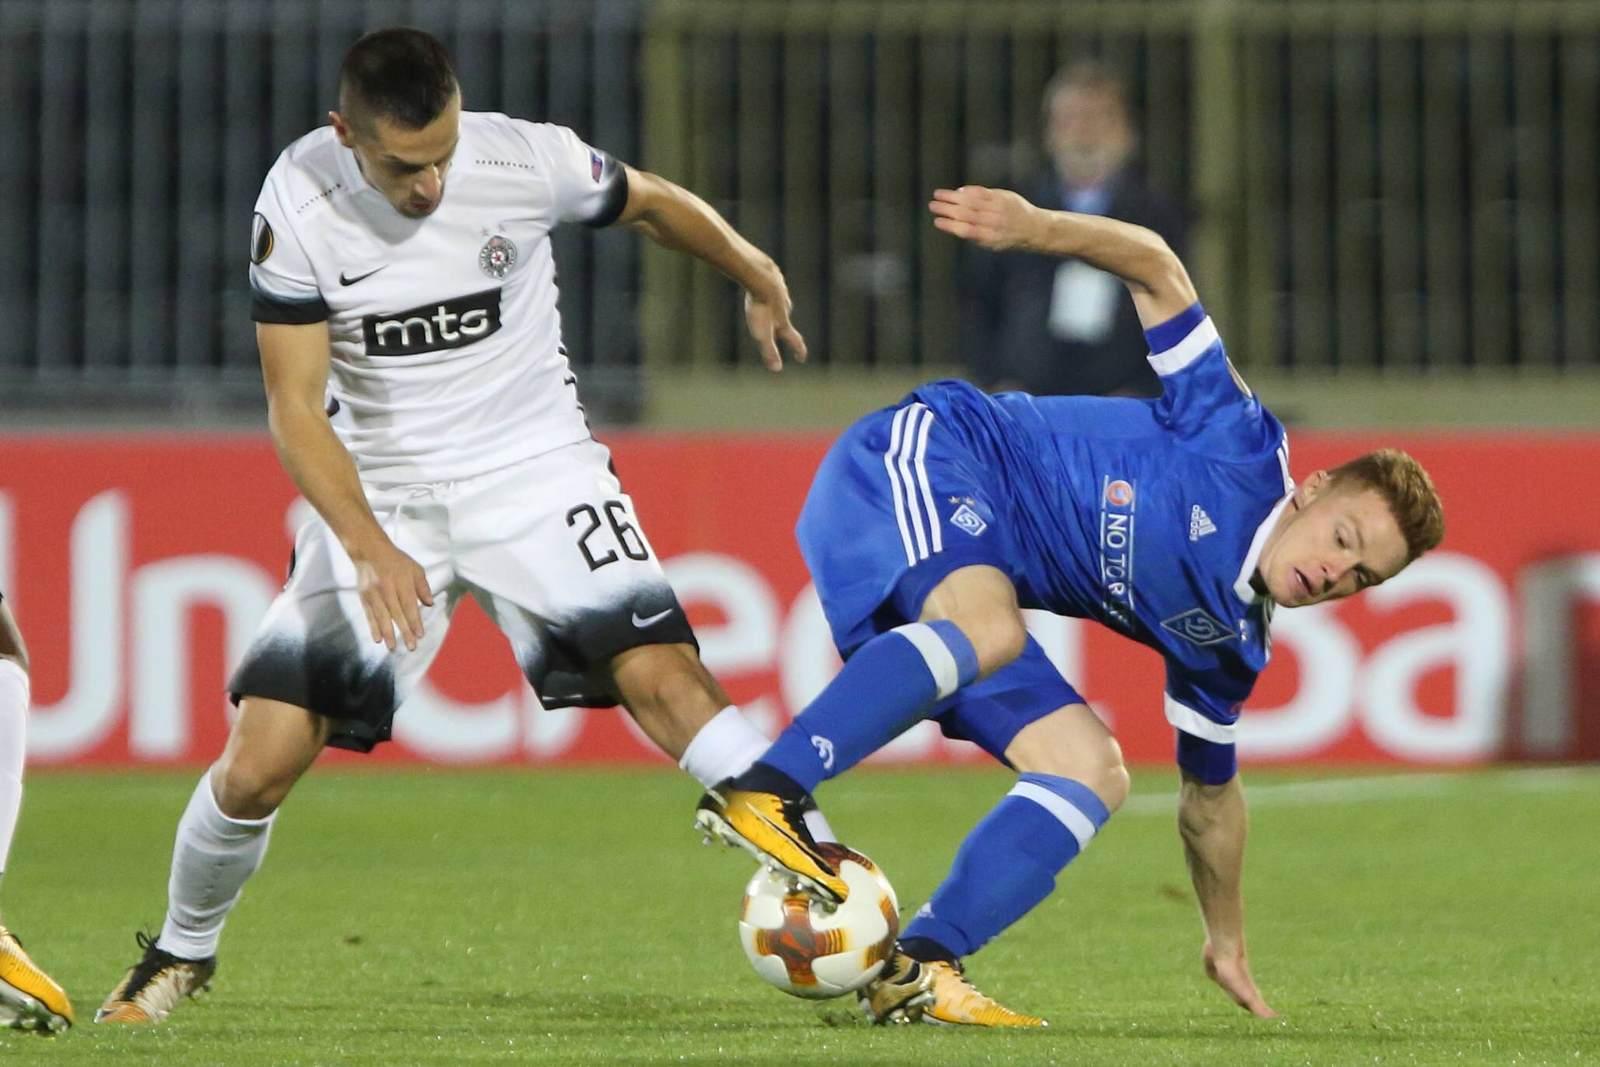 Viktor Tsygankov gegen Nemanja Miletic. Jetzt auf die Partie Dynamo Kiew gegen Partizan wetten.